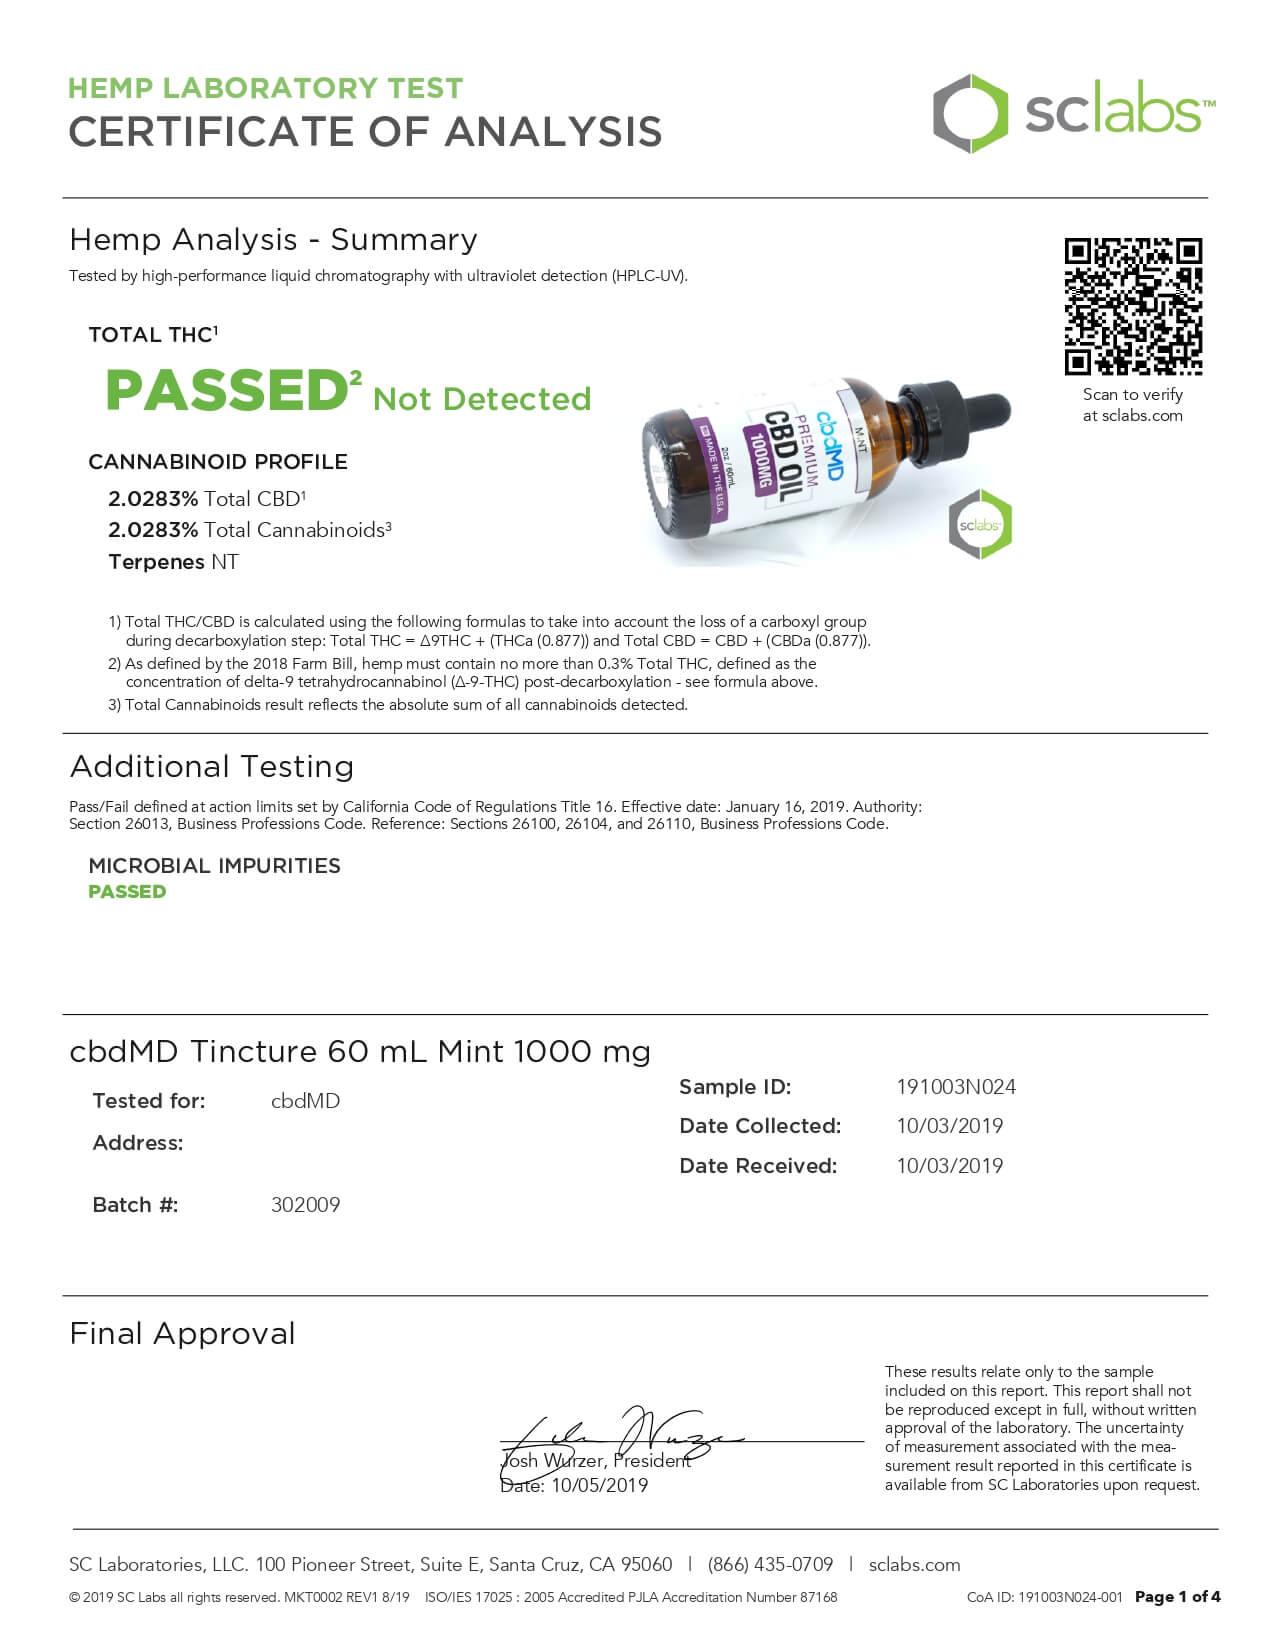 cbdMD CBD Tincture Broad Spectrum Mint 60ml 1000mg Lab Report